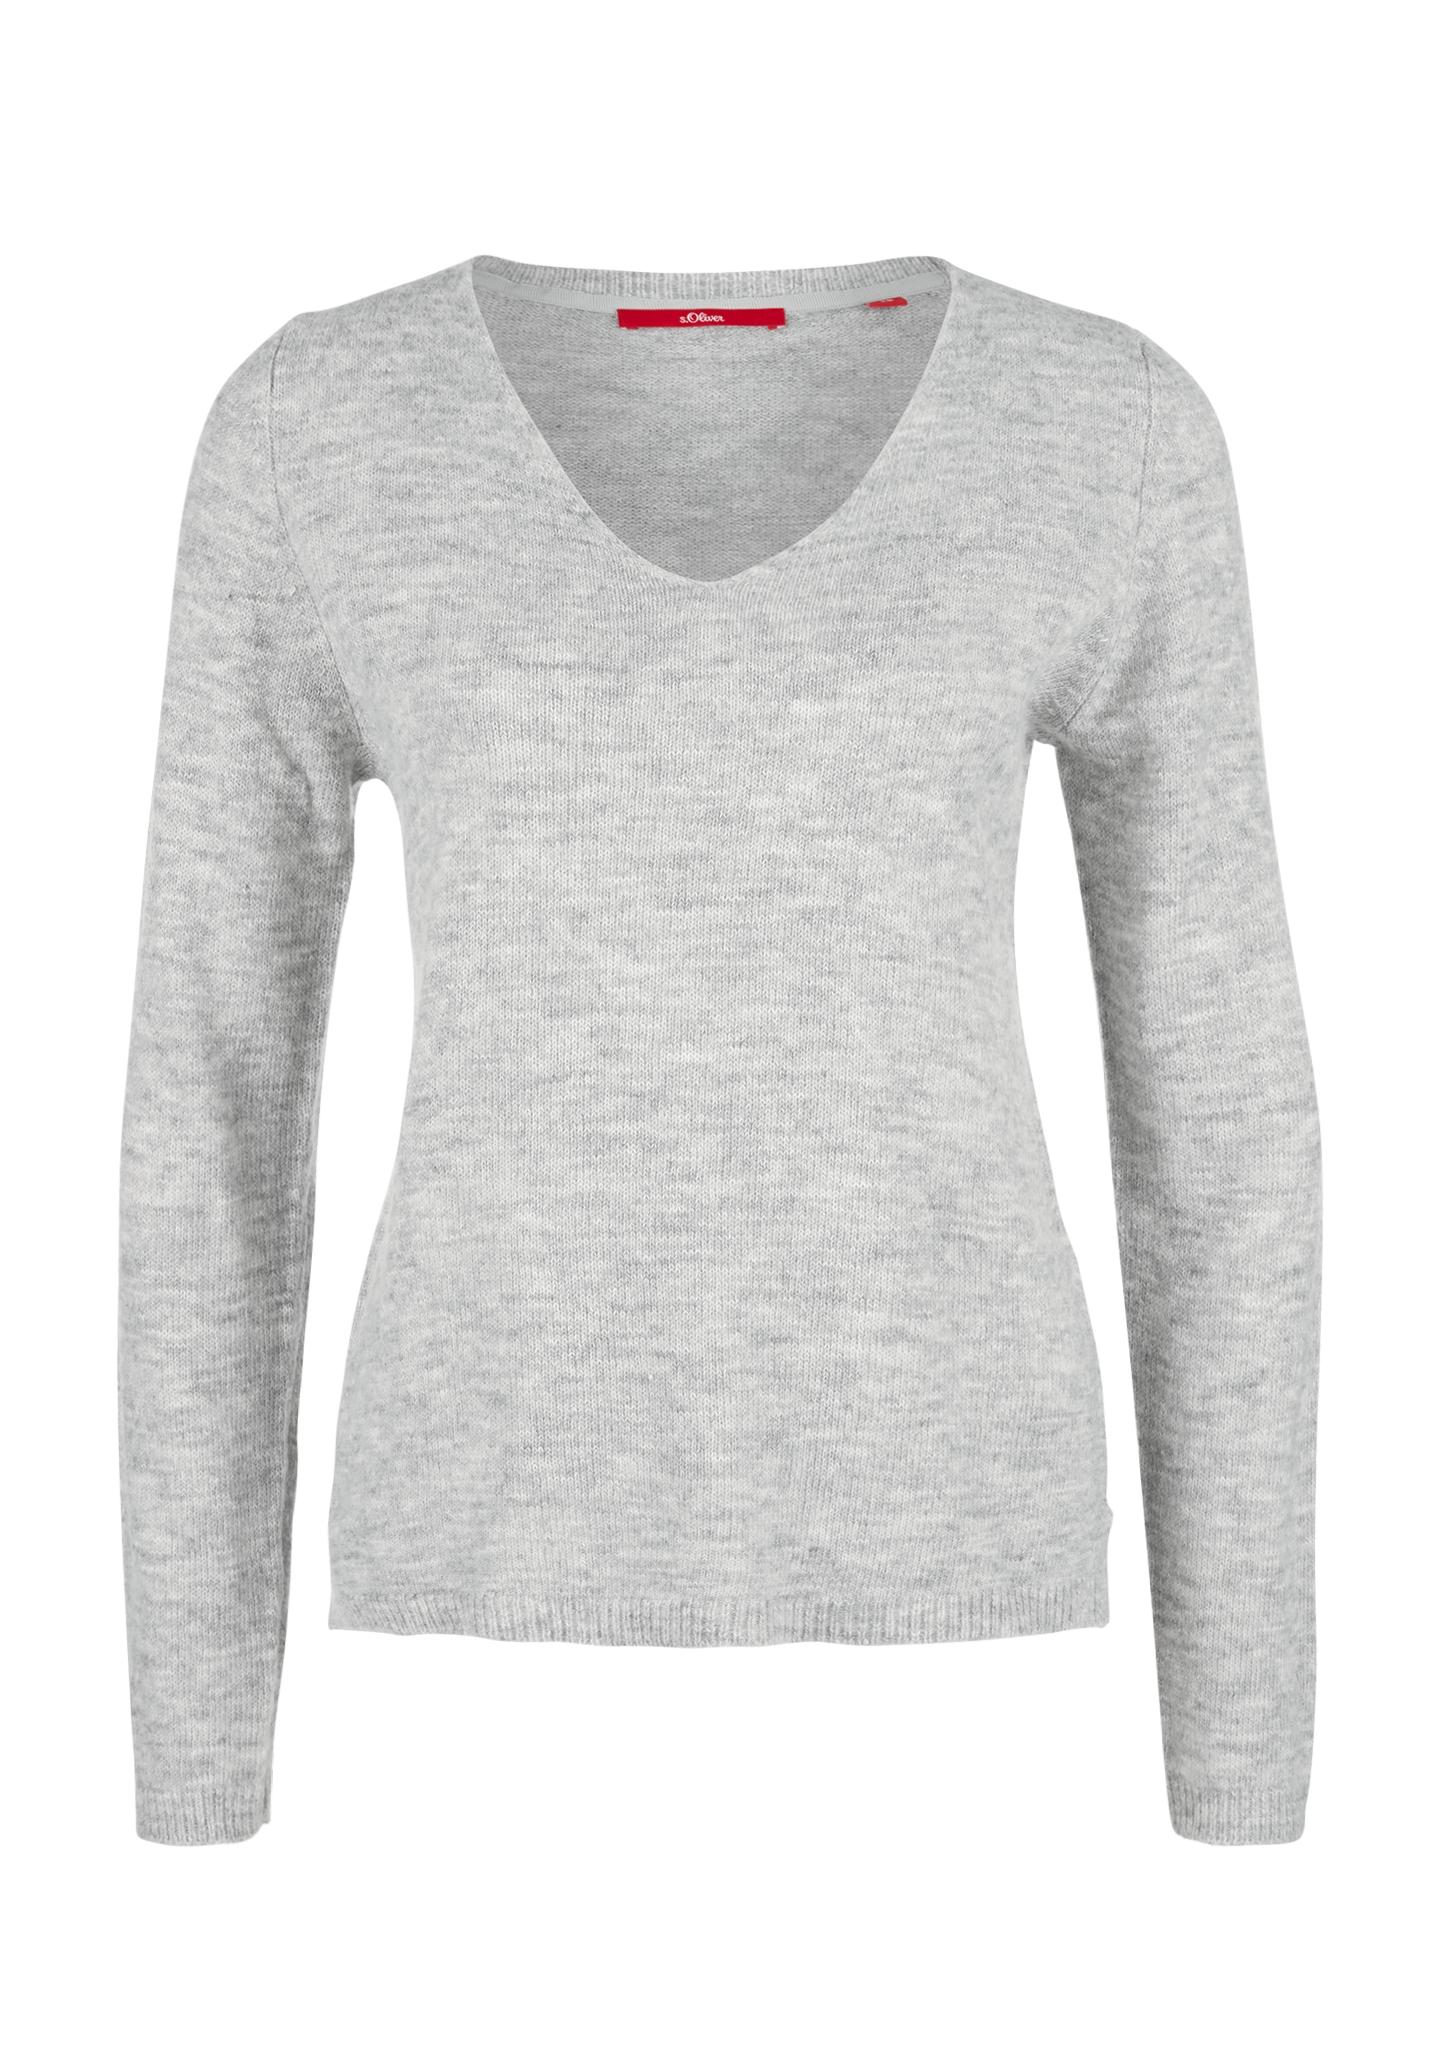 Q//S designed by s.Oliver Damen T-Shirt Baumwolle Black Stripes Schwarz XXL